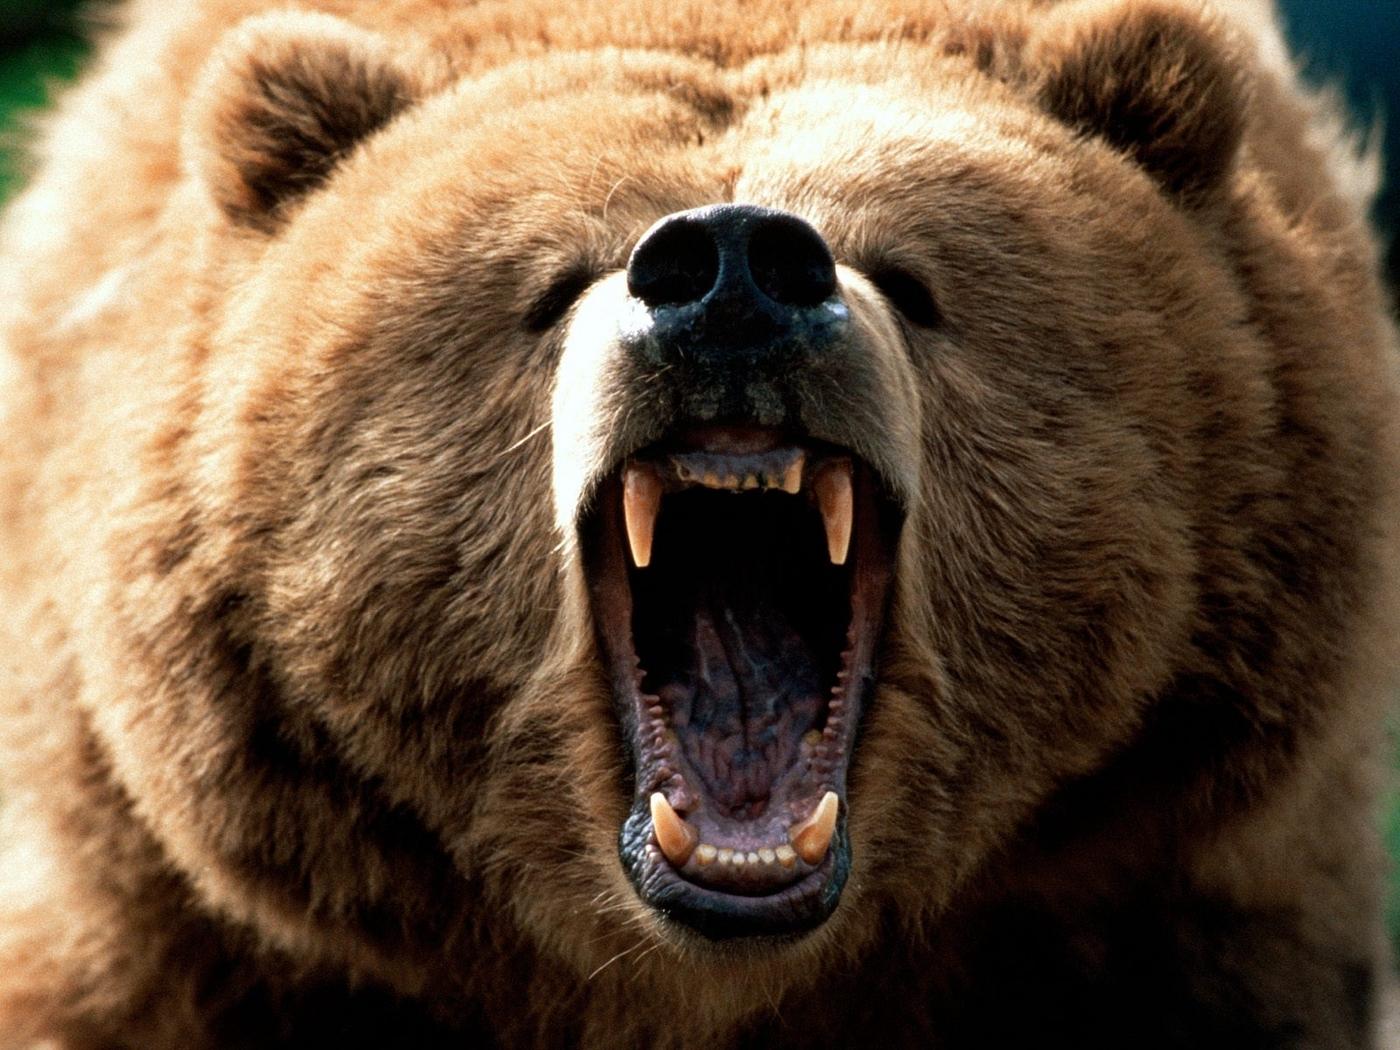 26051 Заставки и Обои Медведи на телефон. Скачать Медведи, Животные картинки бесплатно